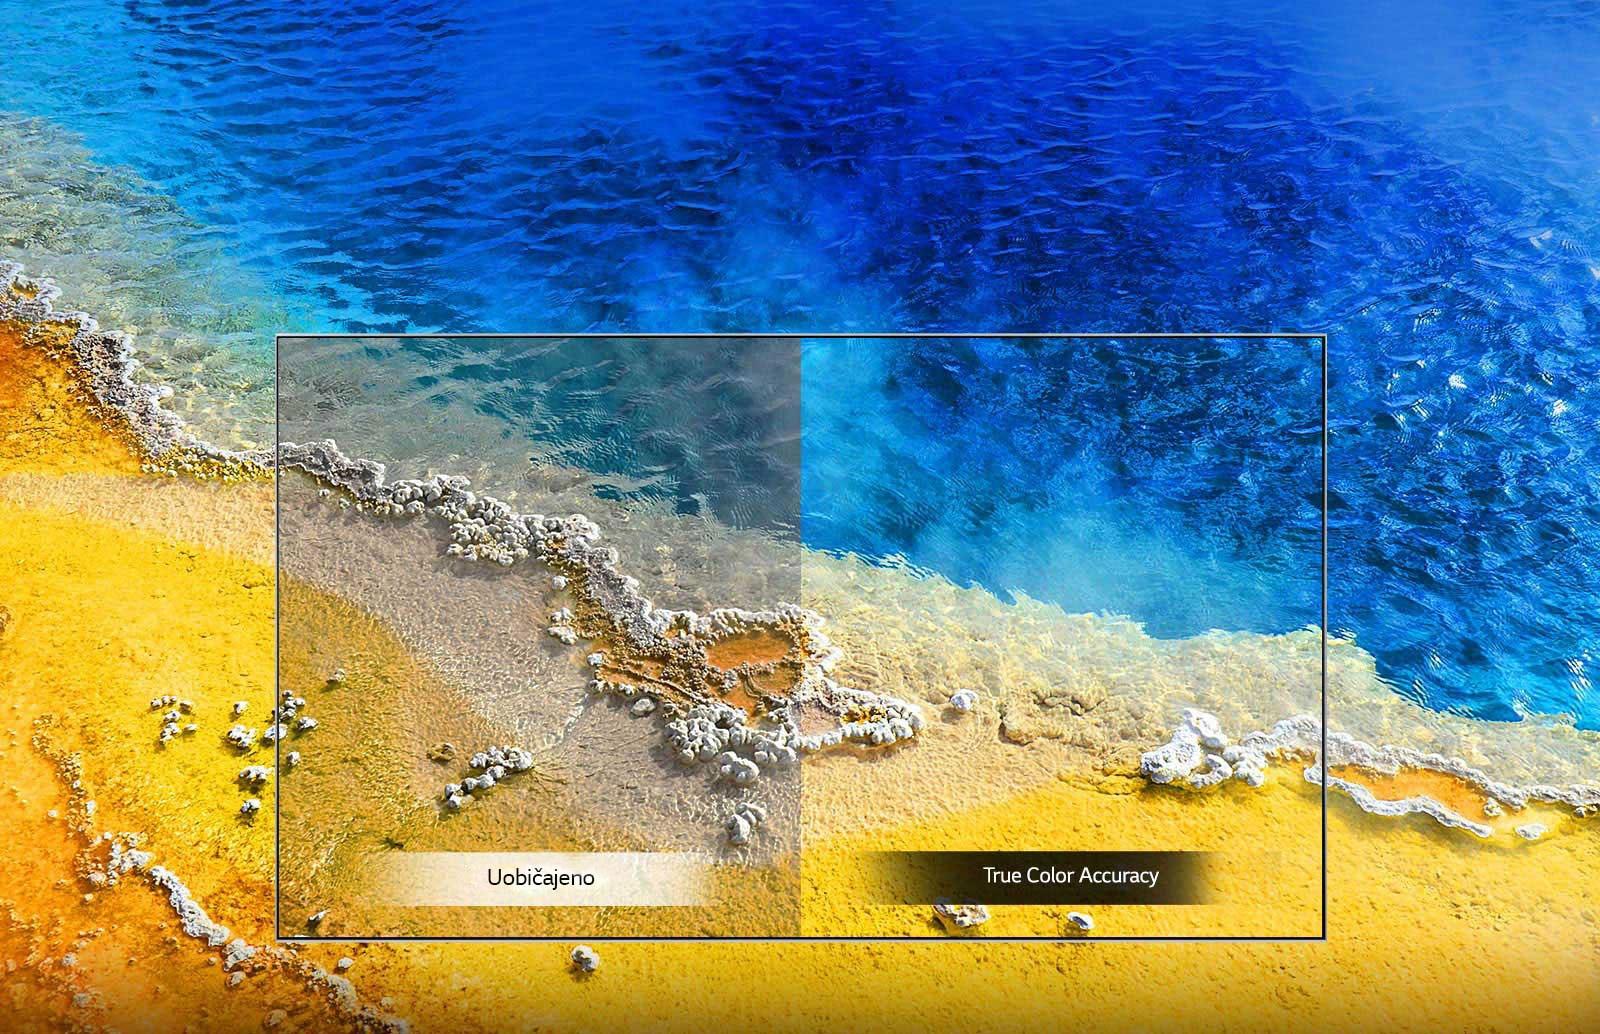 TV-UHD-UM76-05-True-Color-Accuracy-Desktop_v2